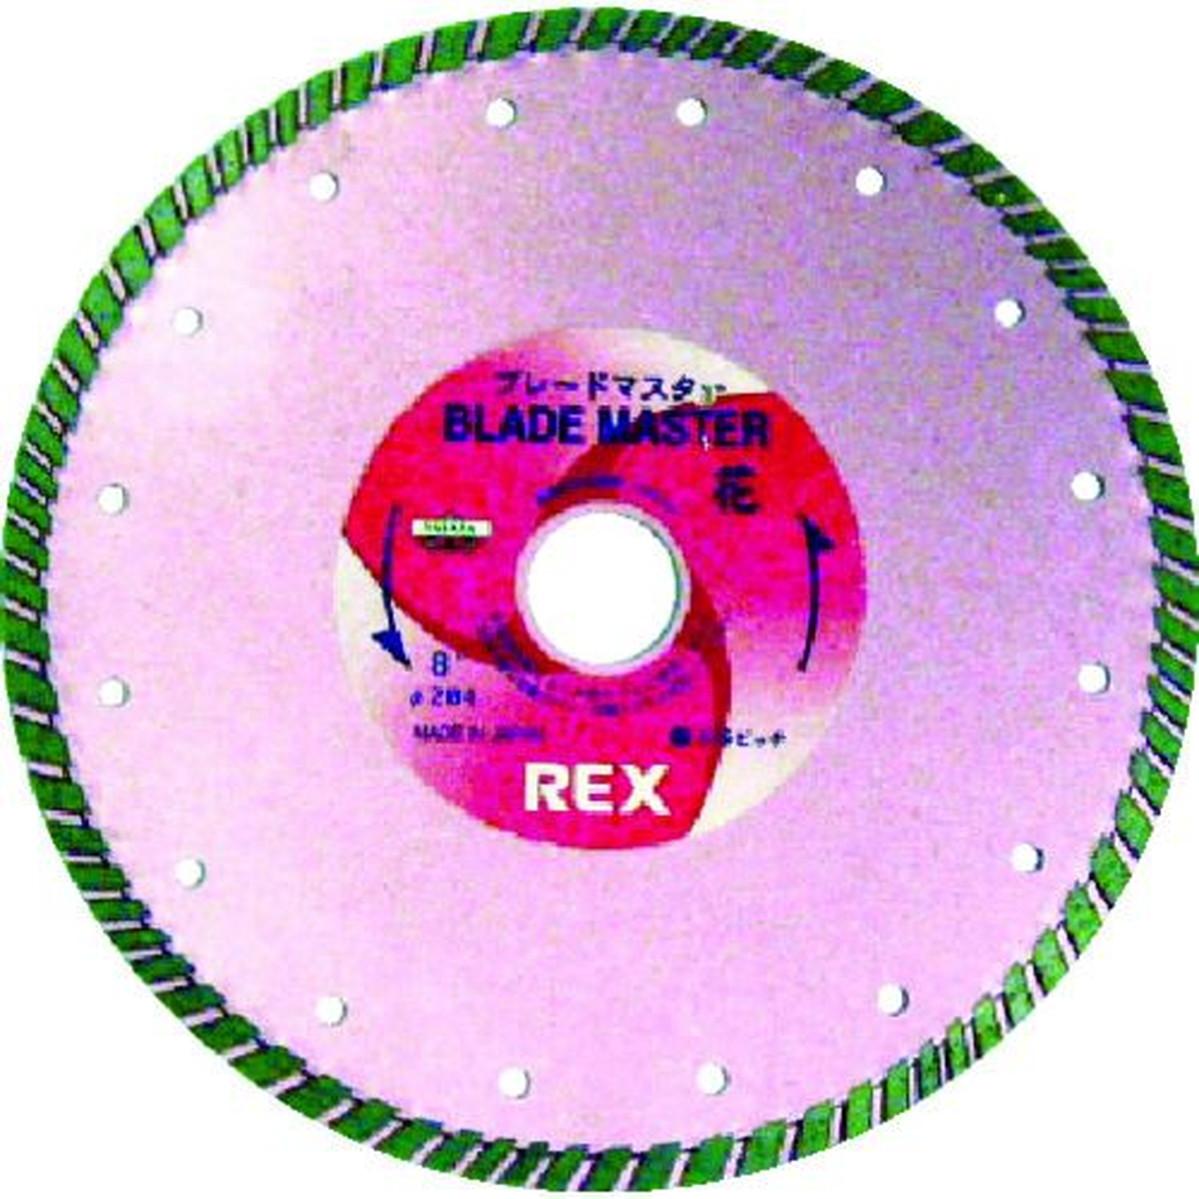 最高品質の REX ダイヤモンドブレード ダイヤモンドブレード REX 花5B 1枚 1枚, タカモリマチ:2c43ce5f --- promotime.lt